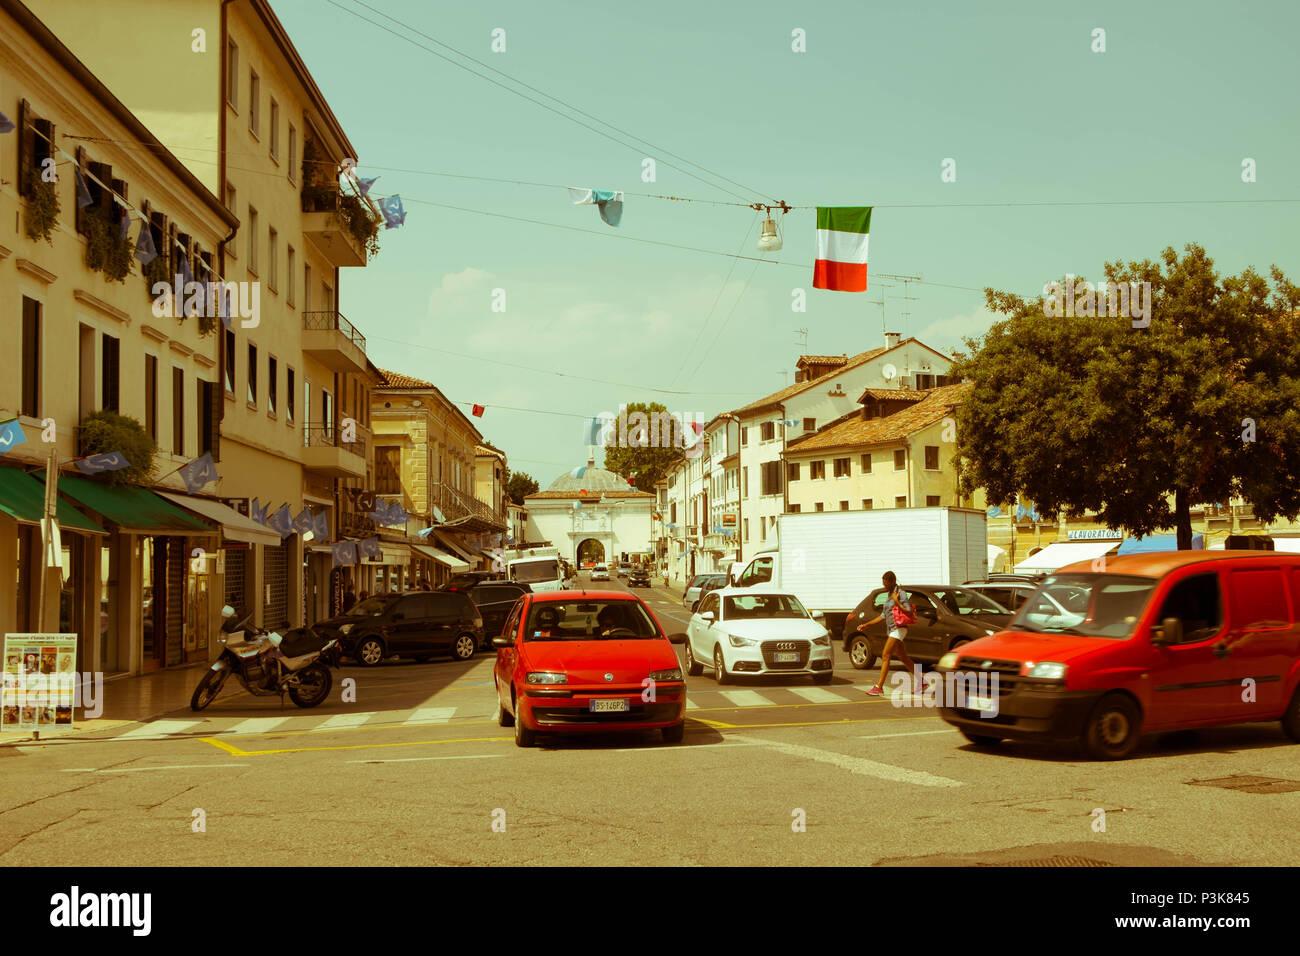 Una vettura attende per un'altra auto per passare a un incrocio. Un pedone cammina sulle strisce pedonali. Questa è la vita quotidiana nella città di Treviso. Immagini Stock